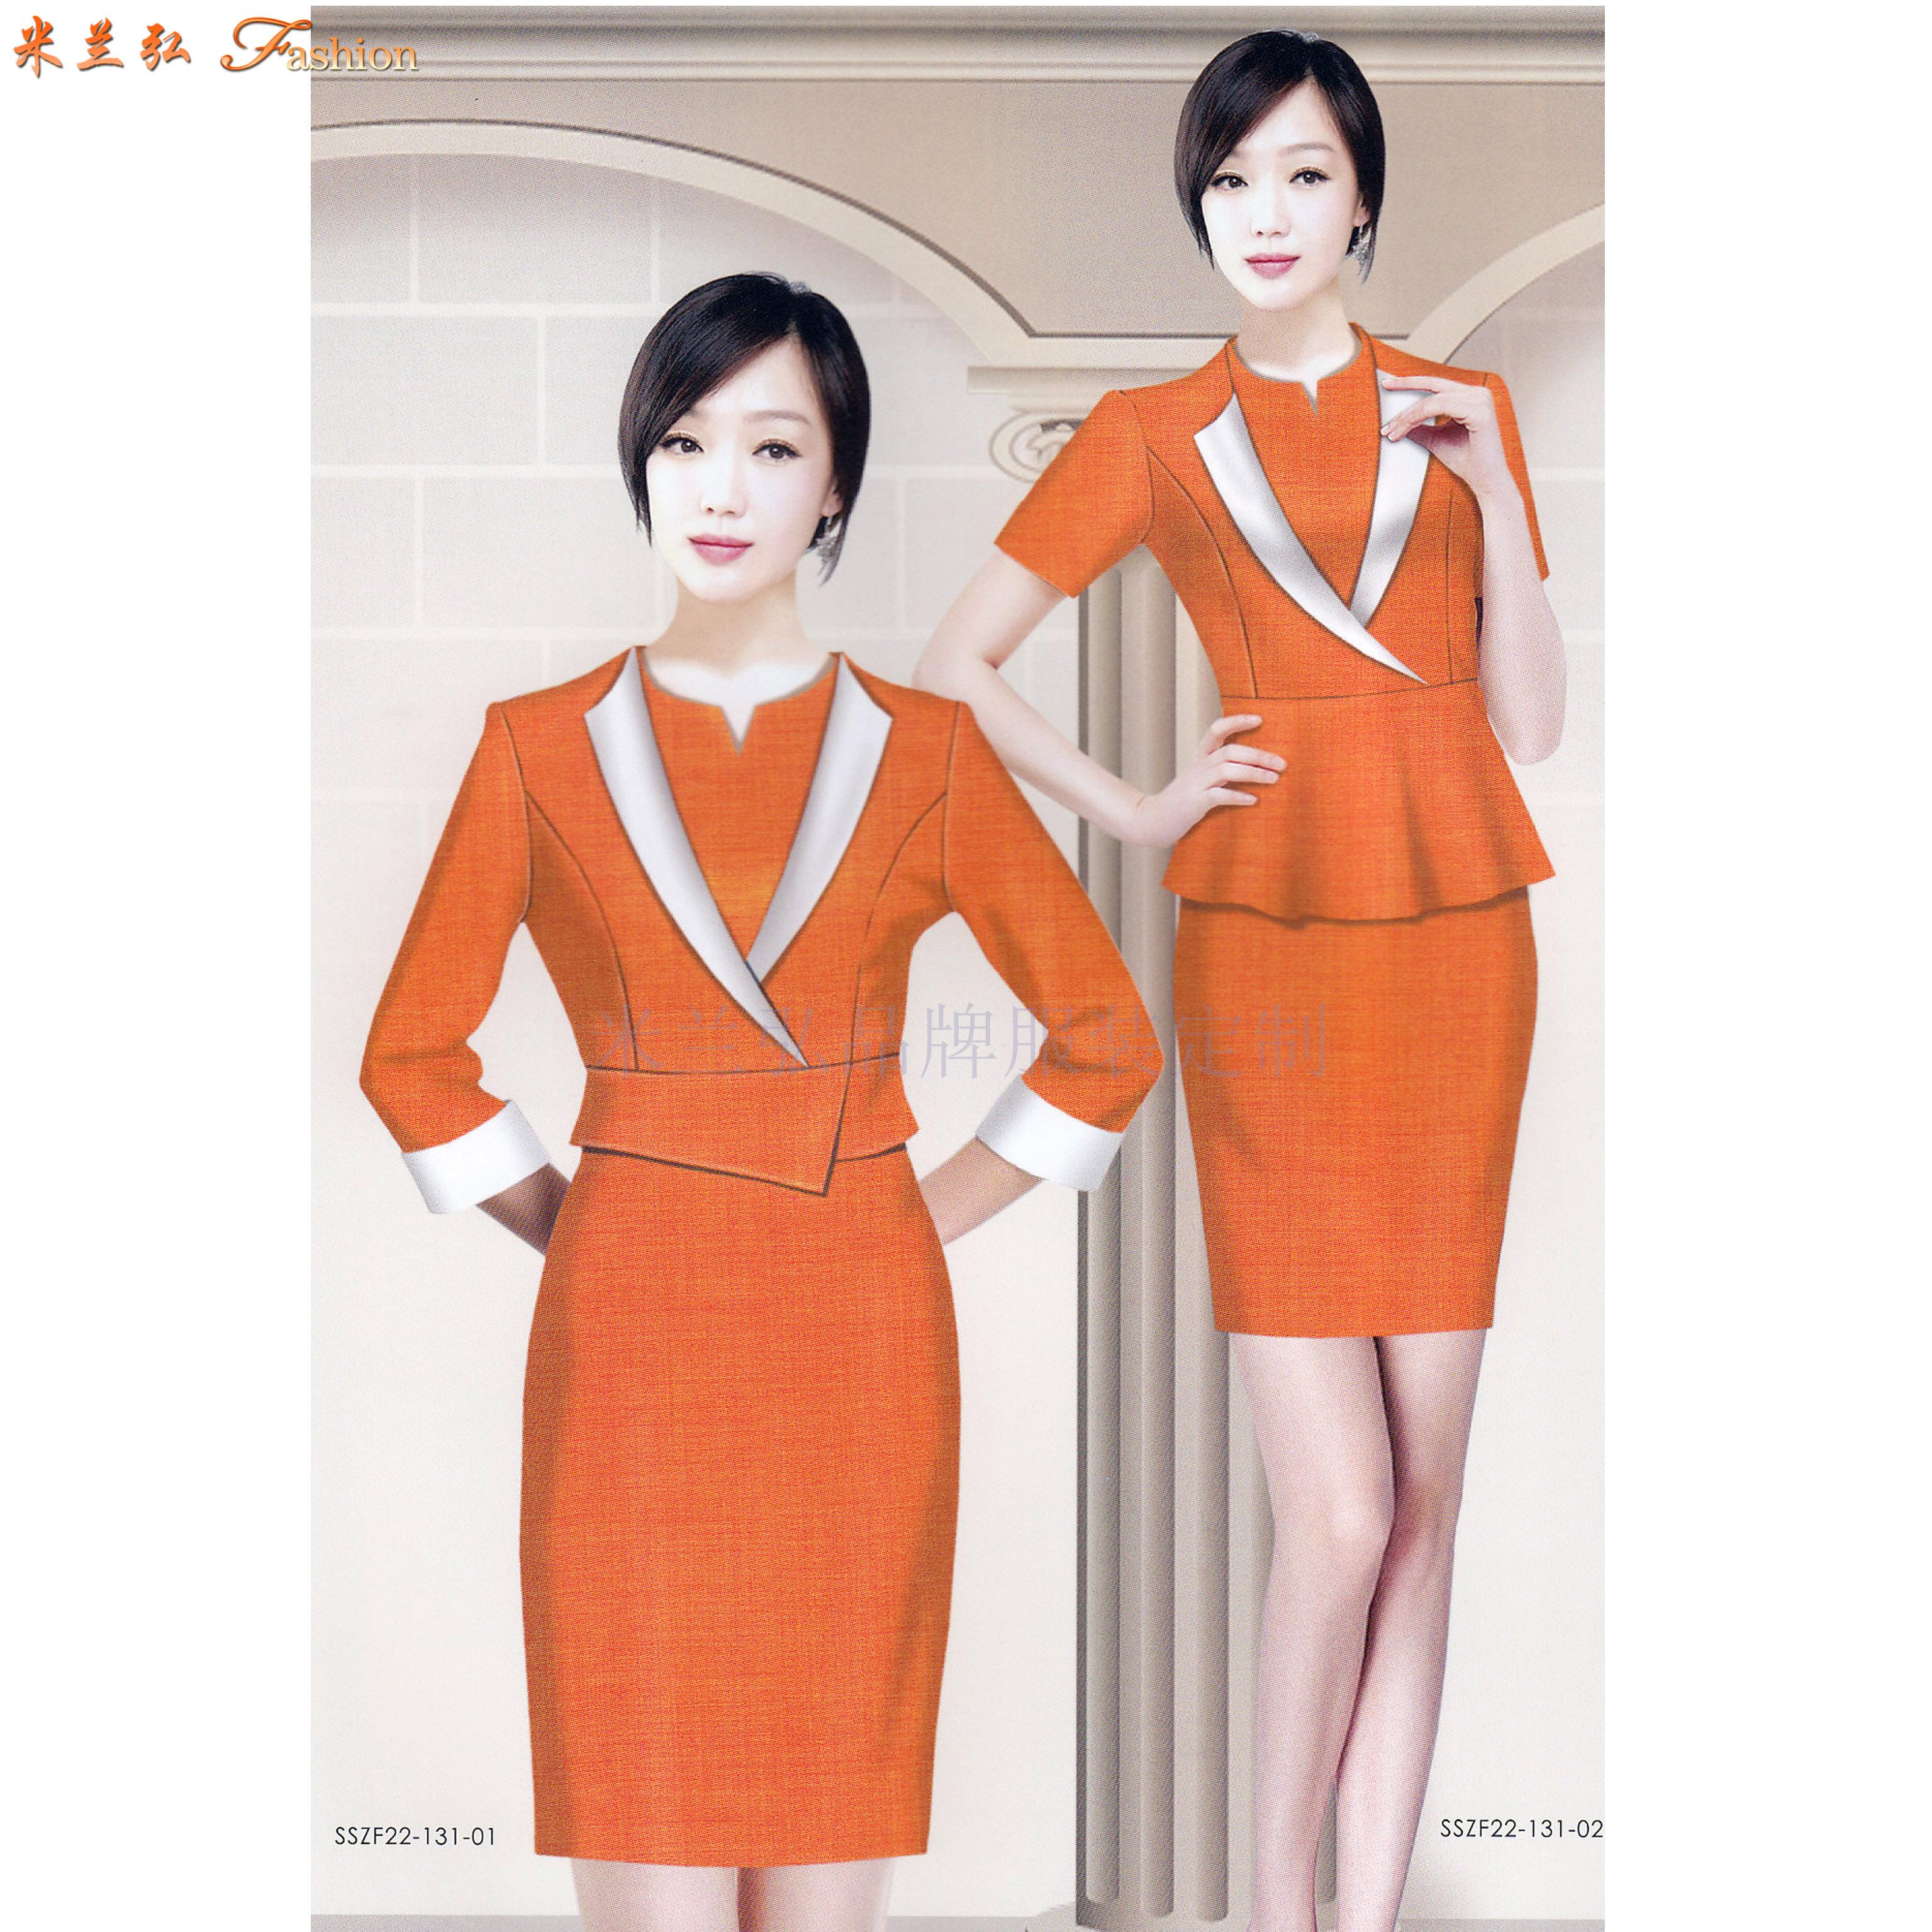 「地鐵職業裝」北京地鐵職業裝定做誠信可靠公司-米蘭弘服裝-5